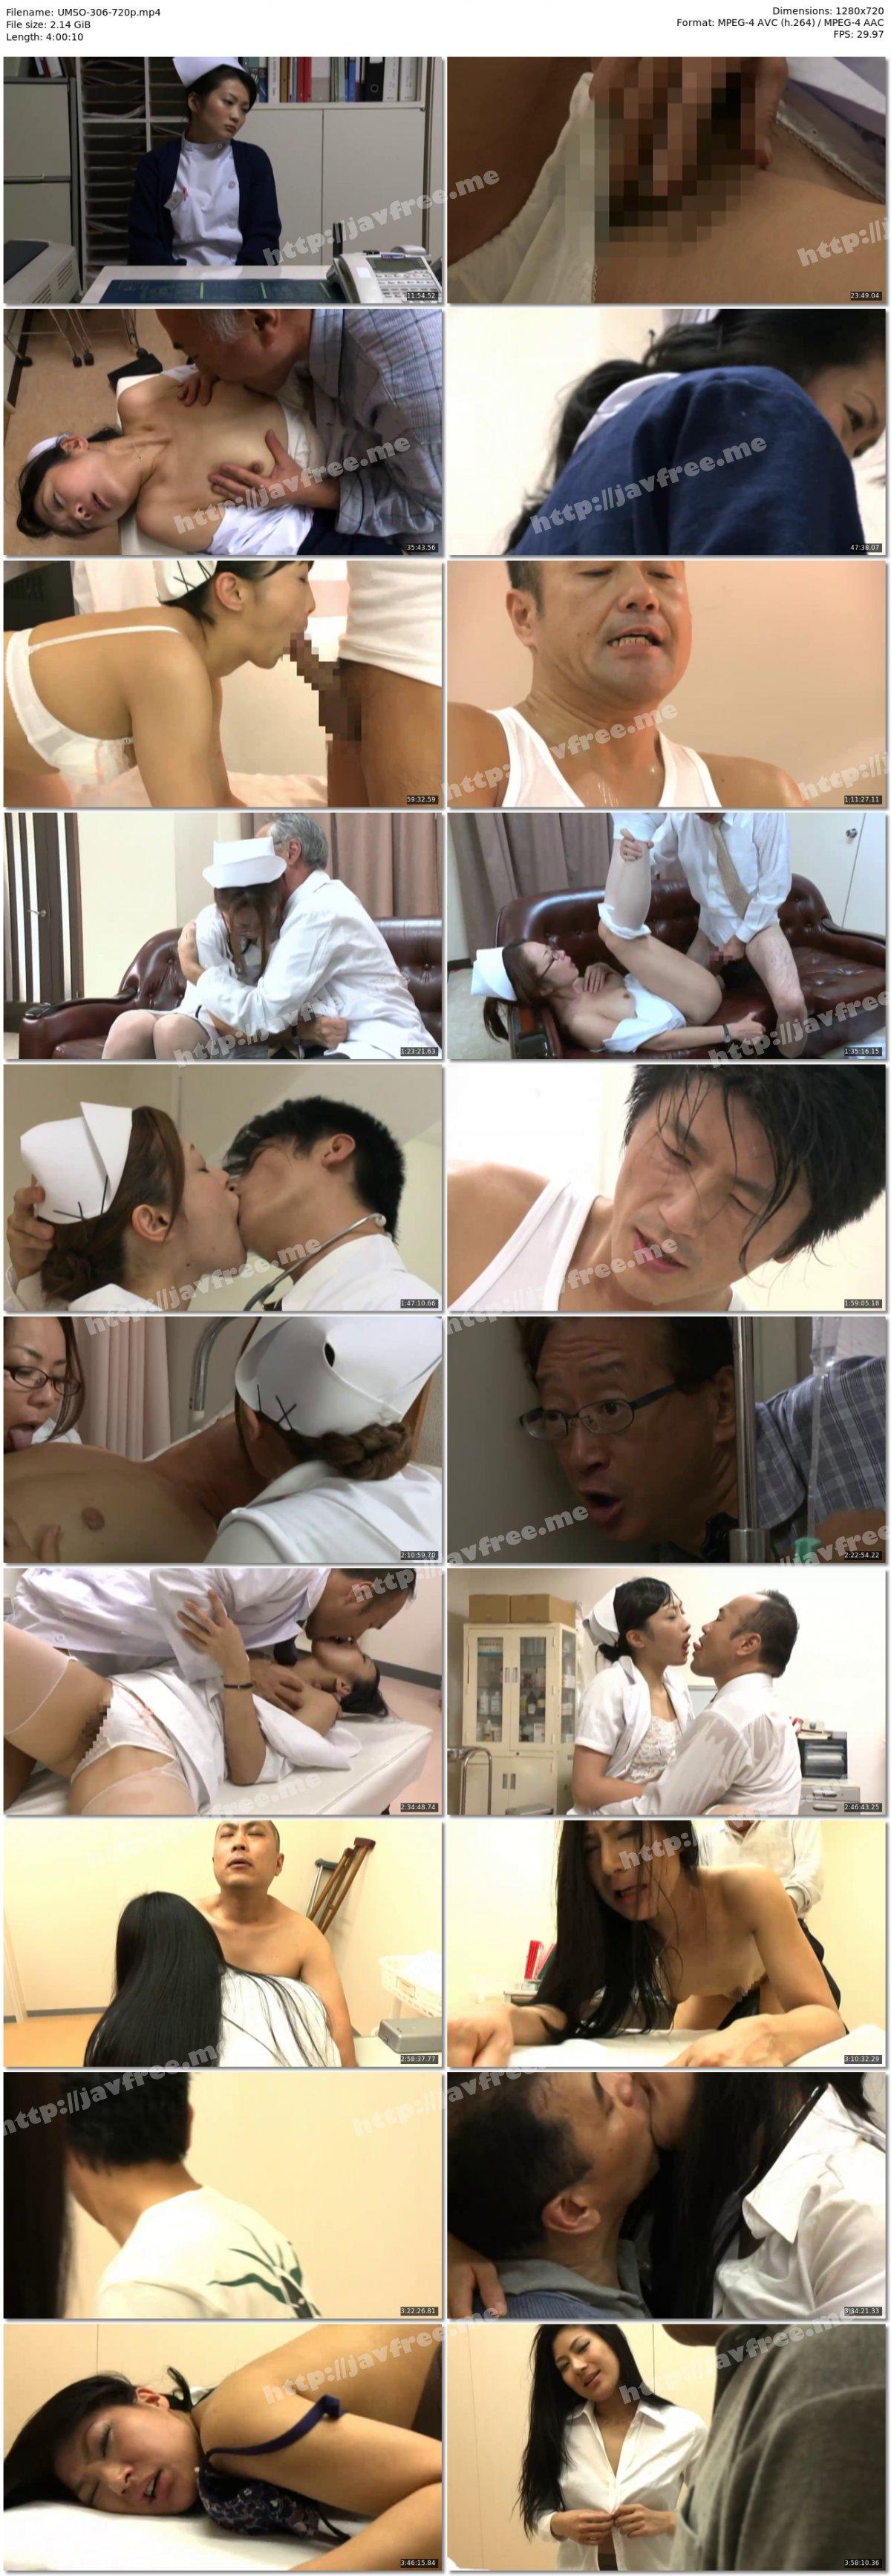 [HD][XRW-826] 彼氏と喧嘩してご近所のお姉さんに相談してからの4日間 枢木あおい・美咲かんな - image UMSO-306-720p on https://javfree.me